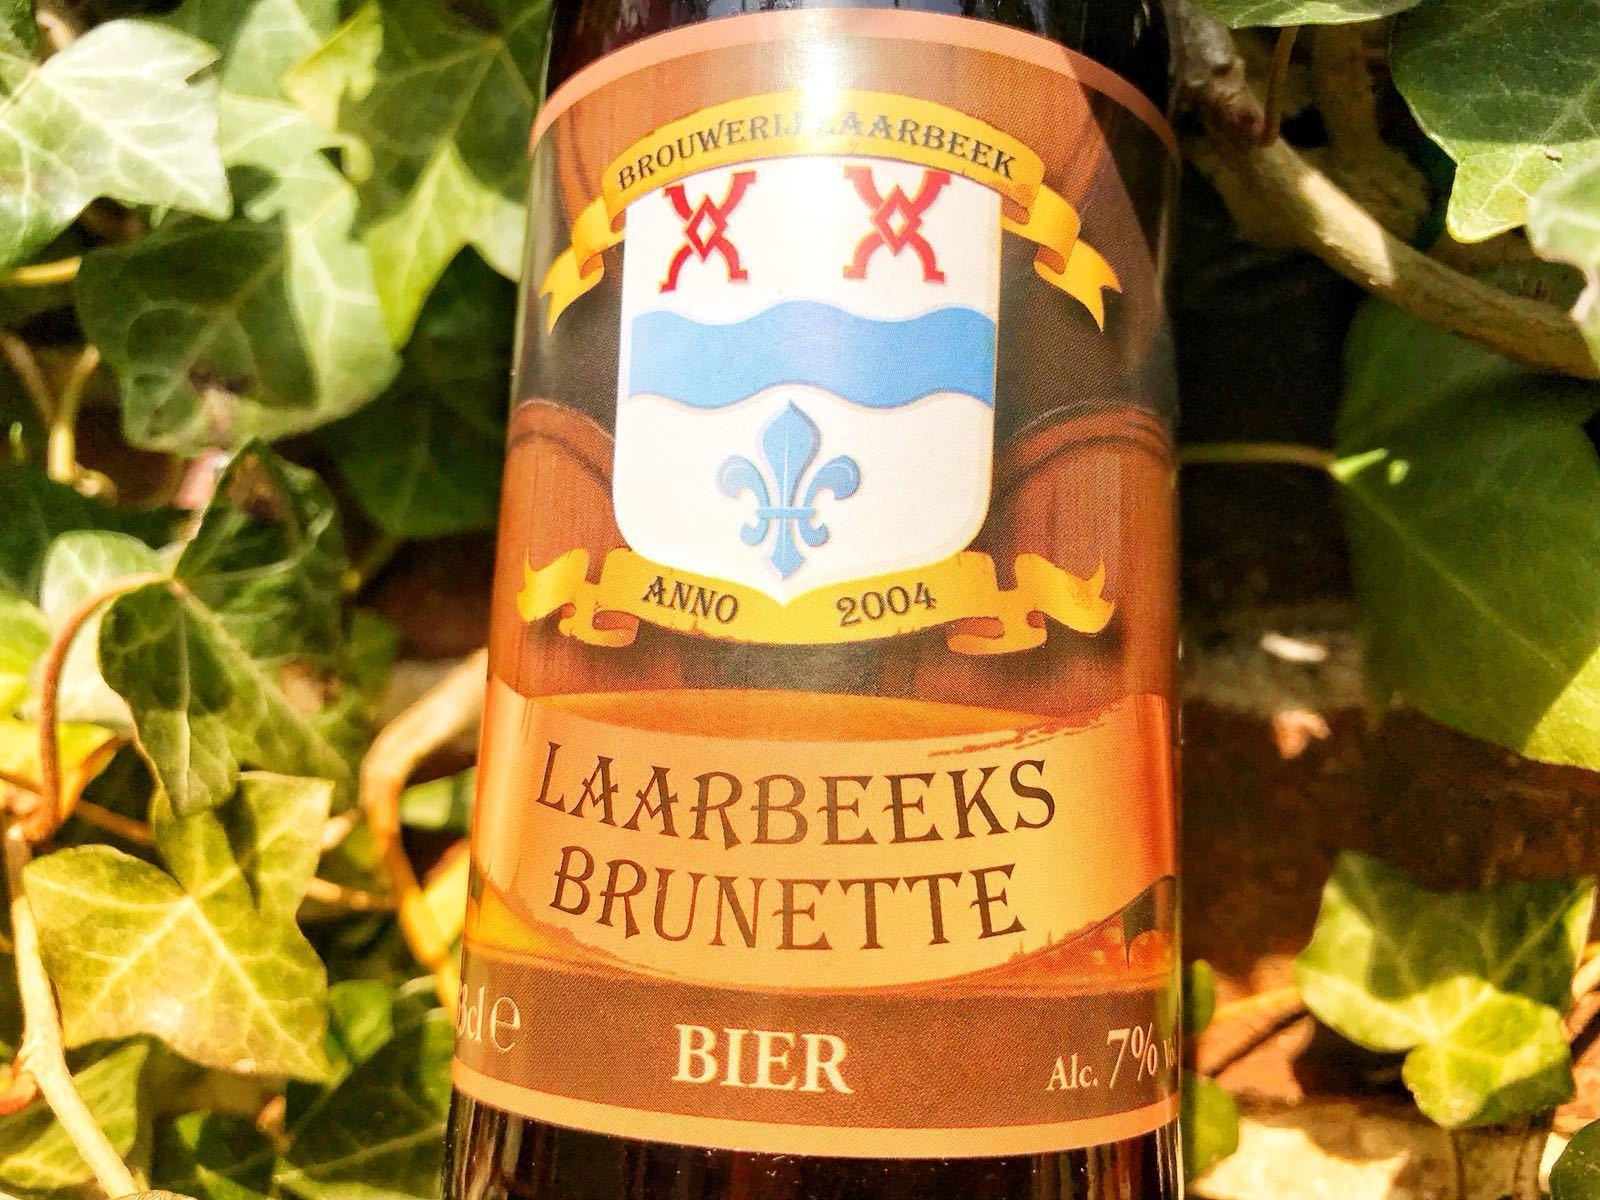 Laarbeeks Brunette van Brouwerij Laarbeek